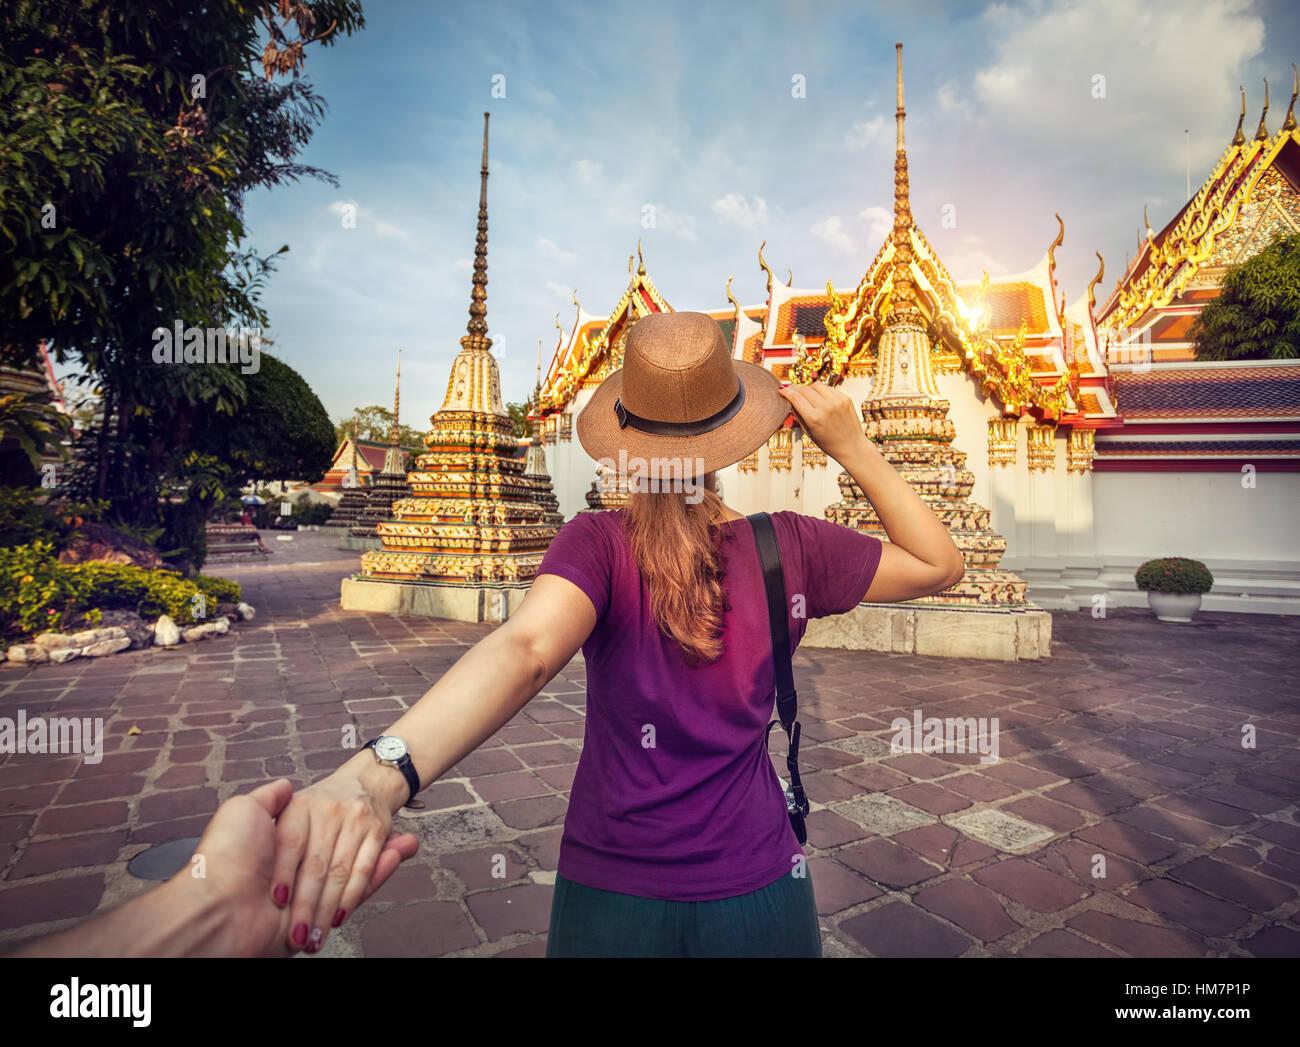 Donna in hat e t-shirt viola che conduce l uomo a mano per il Wat Pho famoso tempio a Bangkok, in Thailandia. Immagini Stock